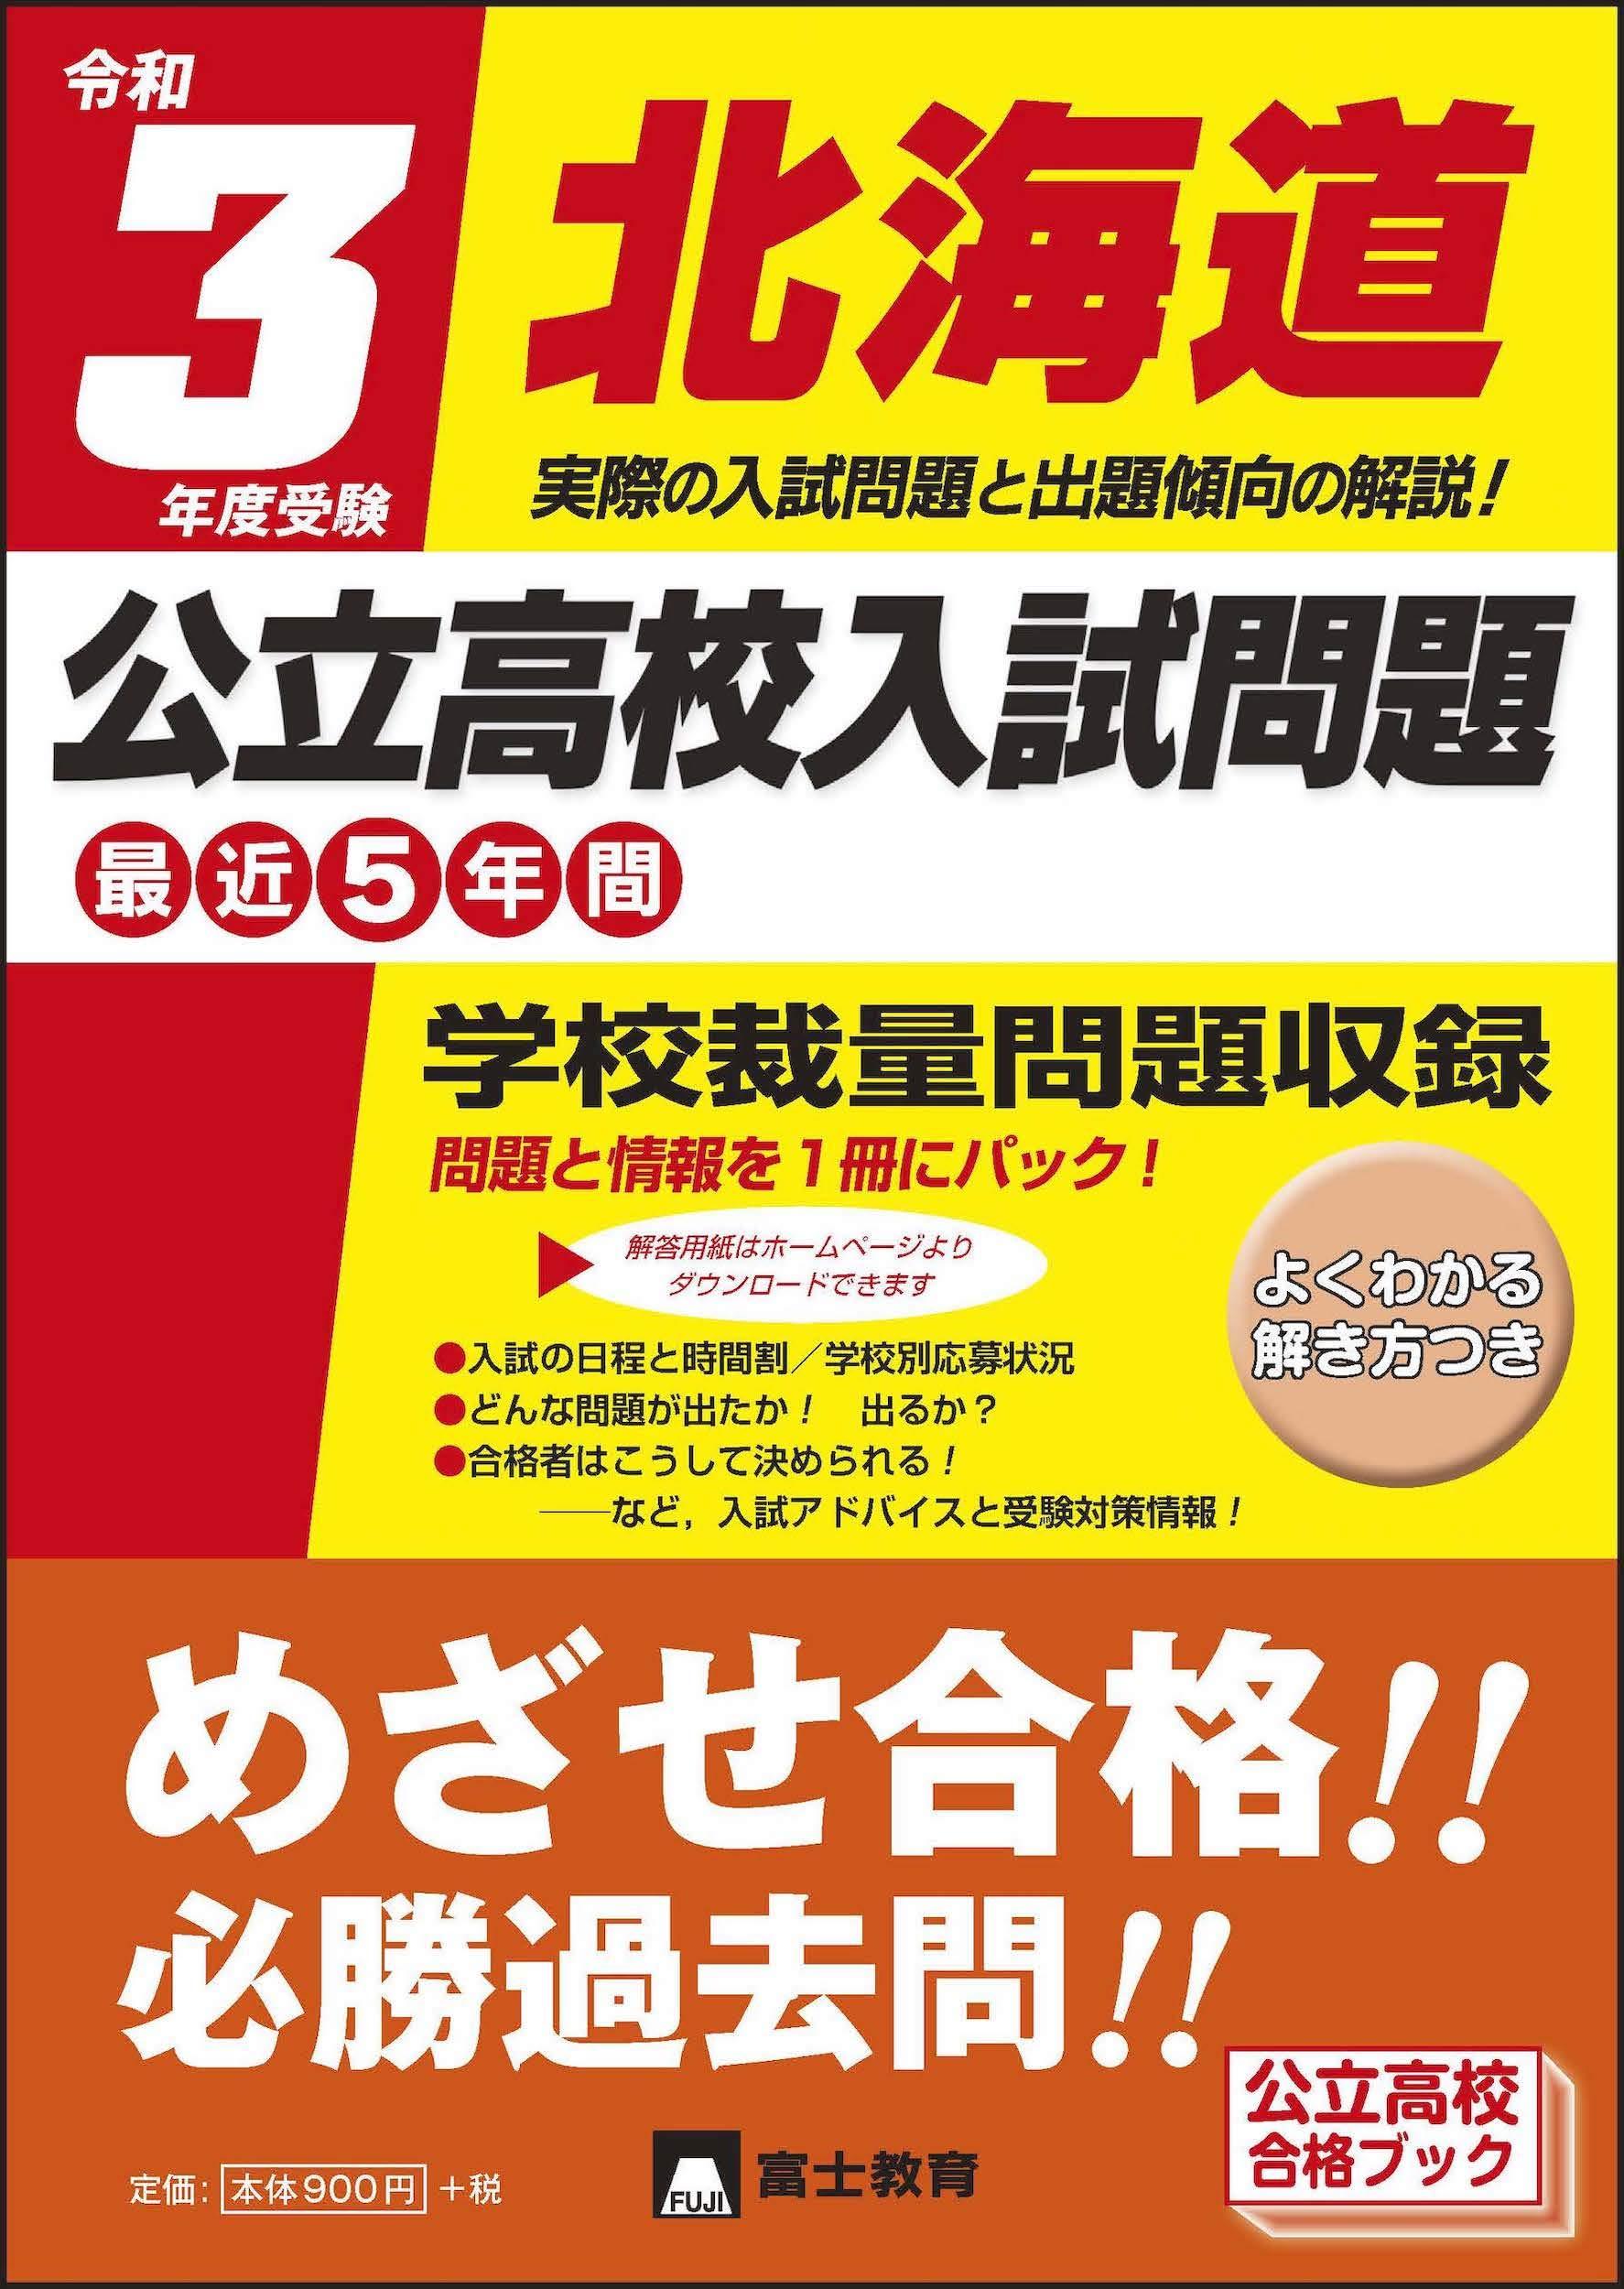 高校 問 公立 過去 北海道 入試